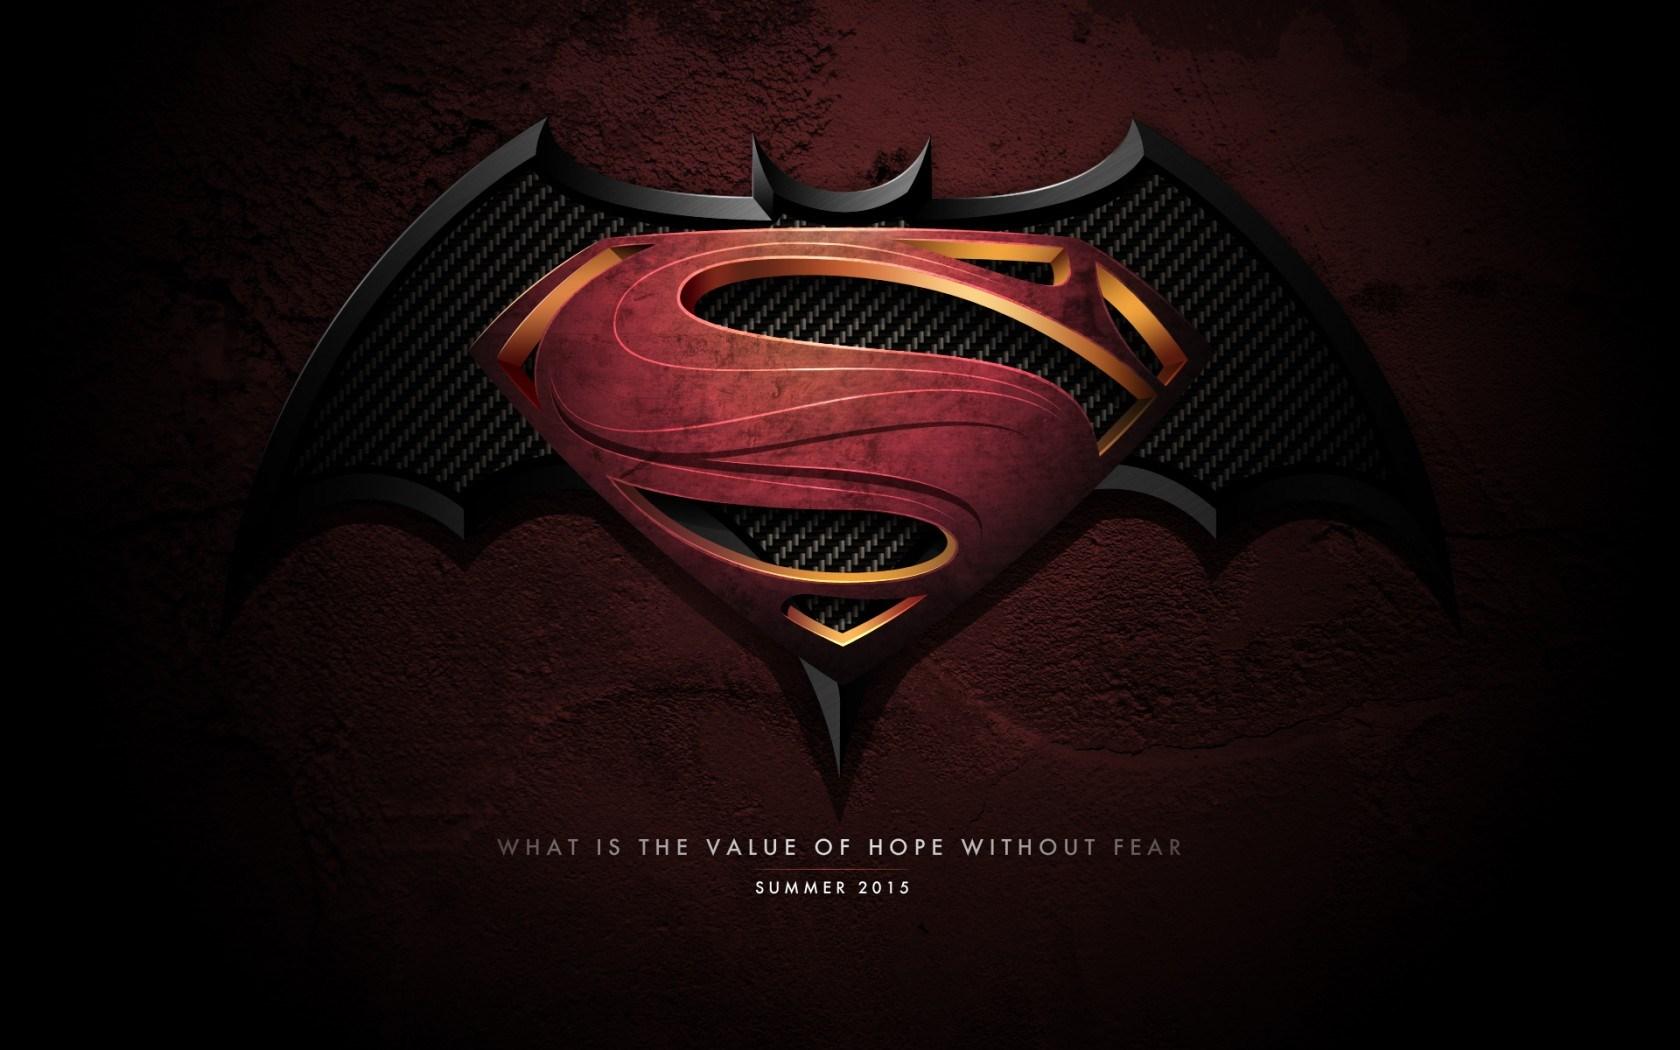 Batman Vs Superman Logo Movies Wallpaper Hd Wallpaper - Batman Vs Superman Logo 4k - HD Wallpaper